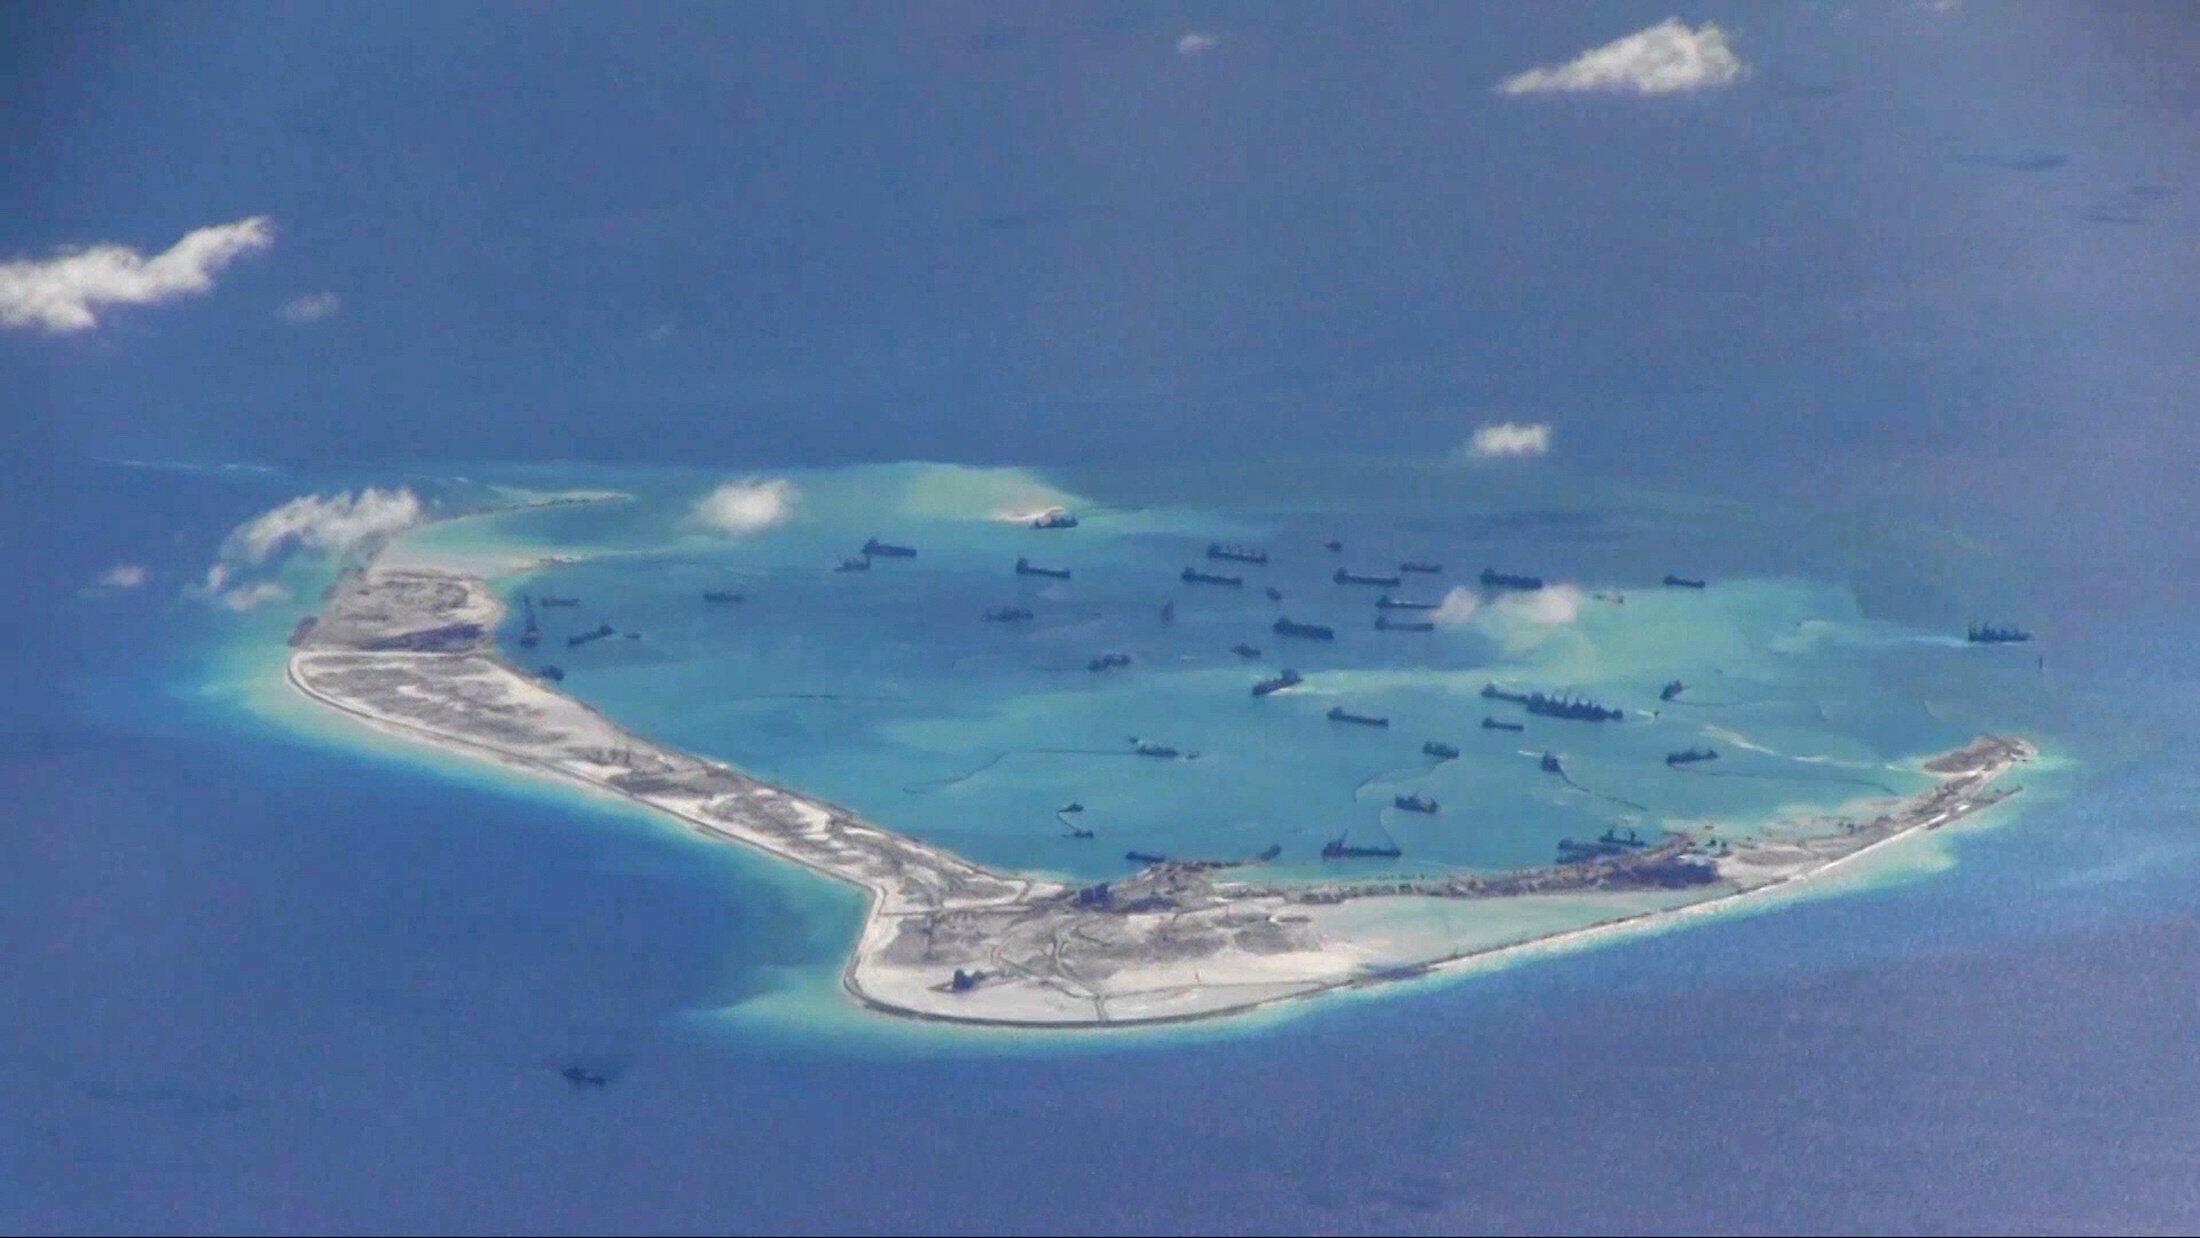 美國海軍提供的中國南海建造人工礁照片